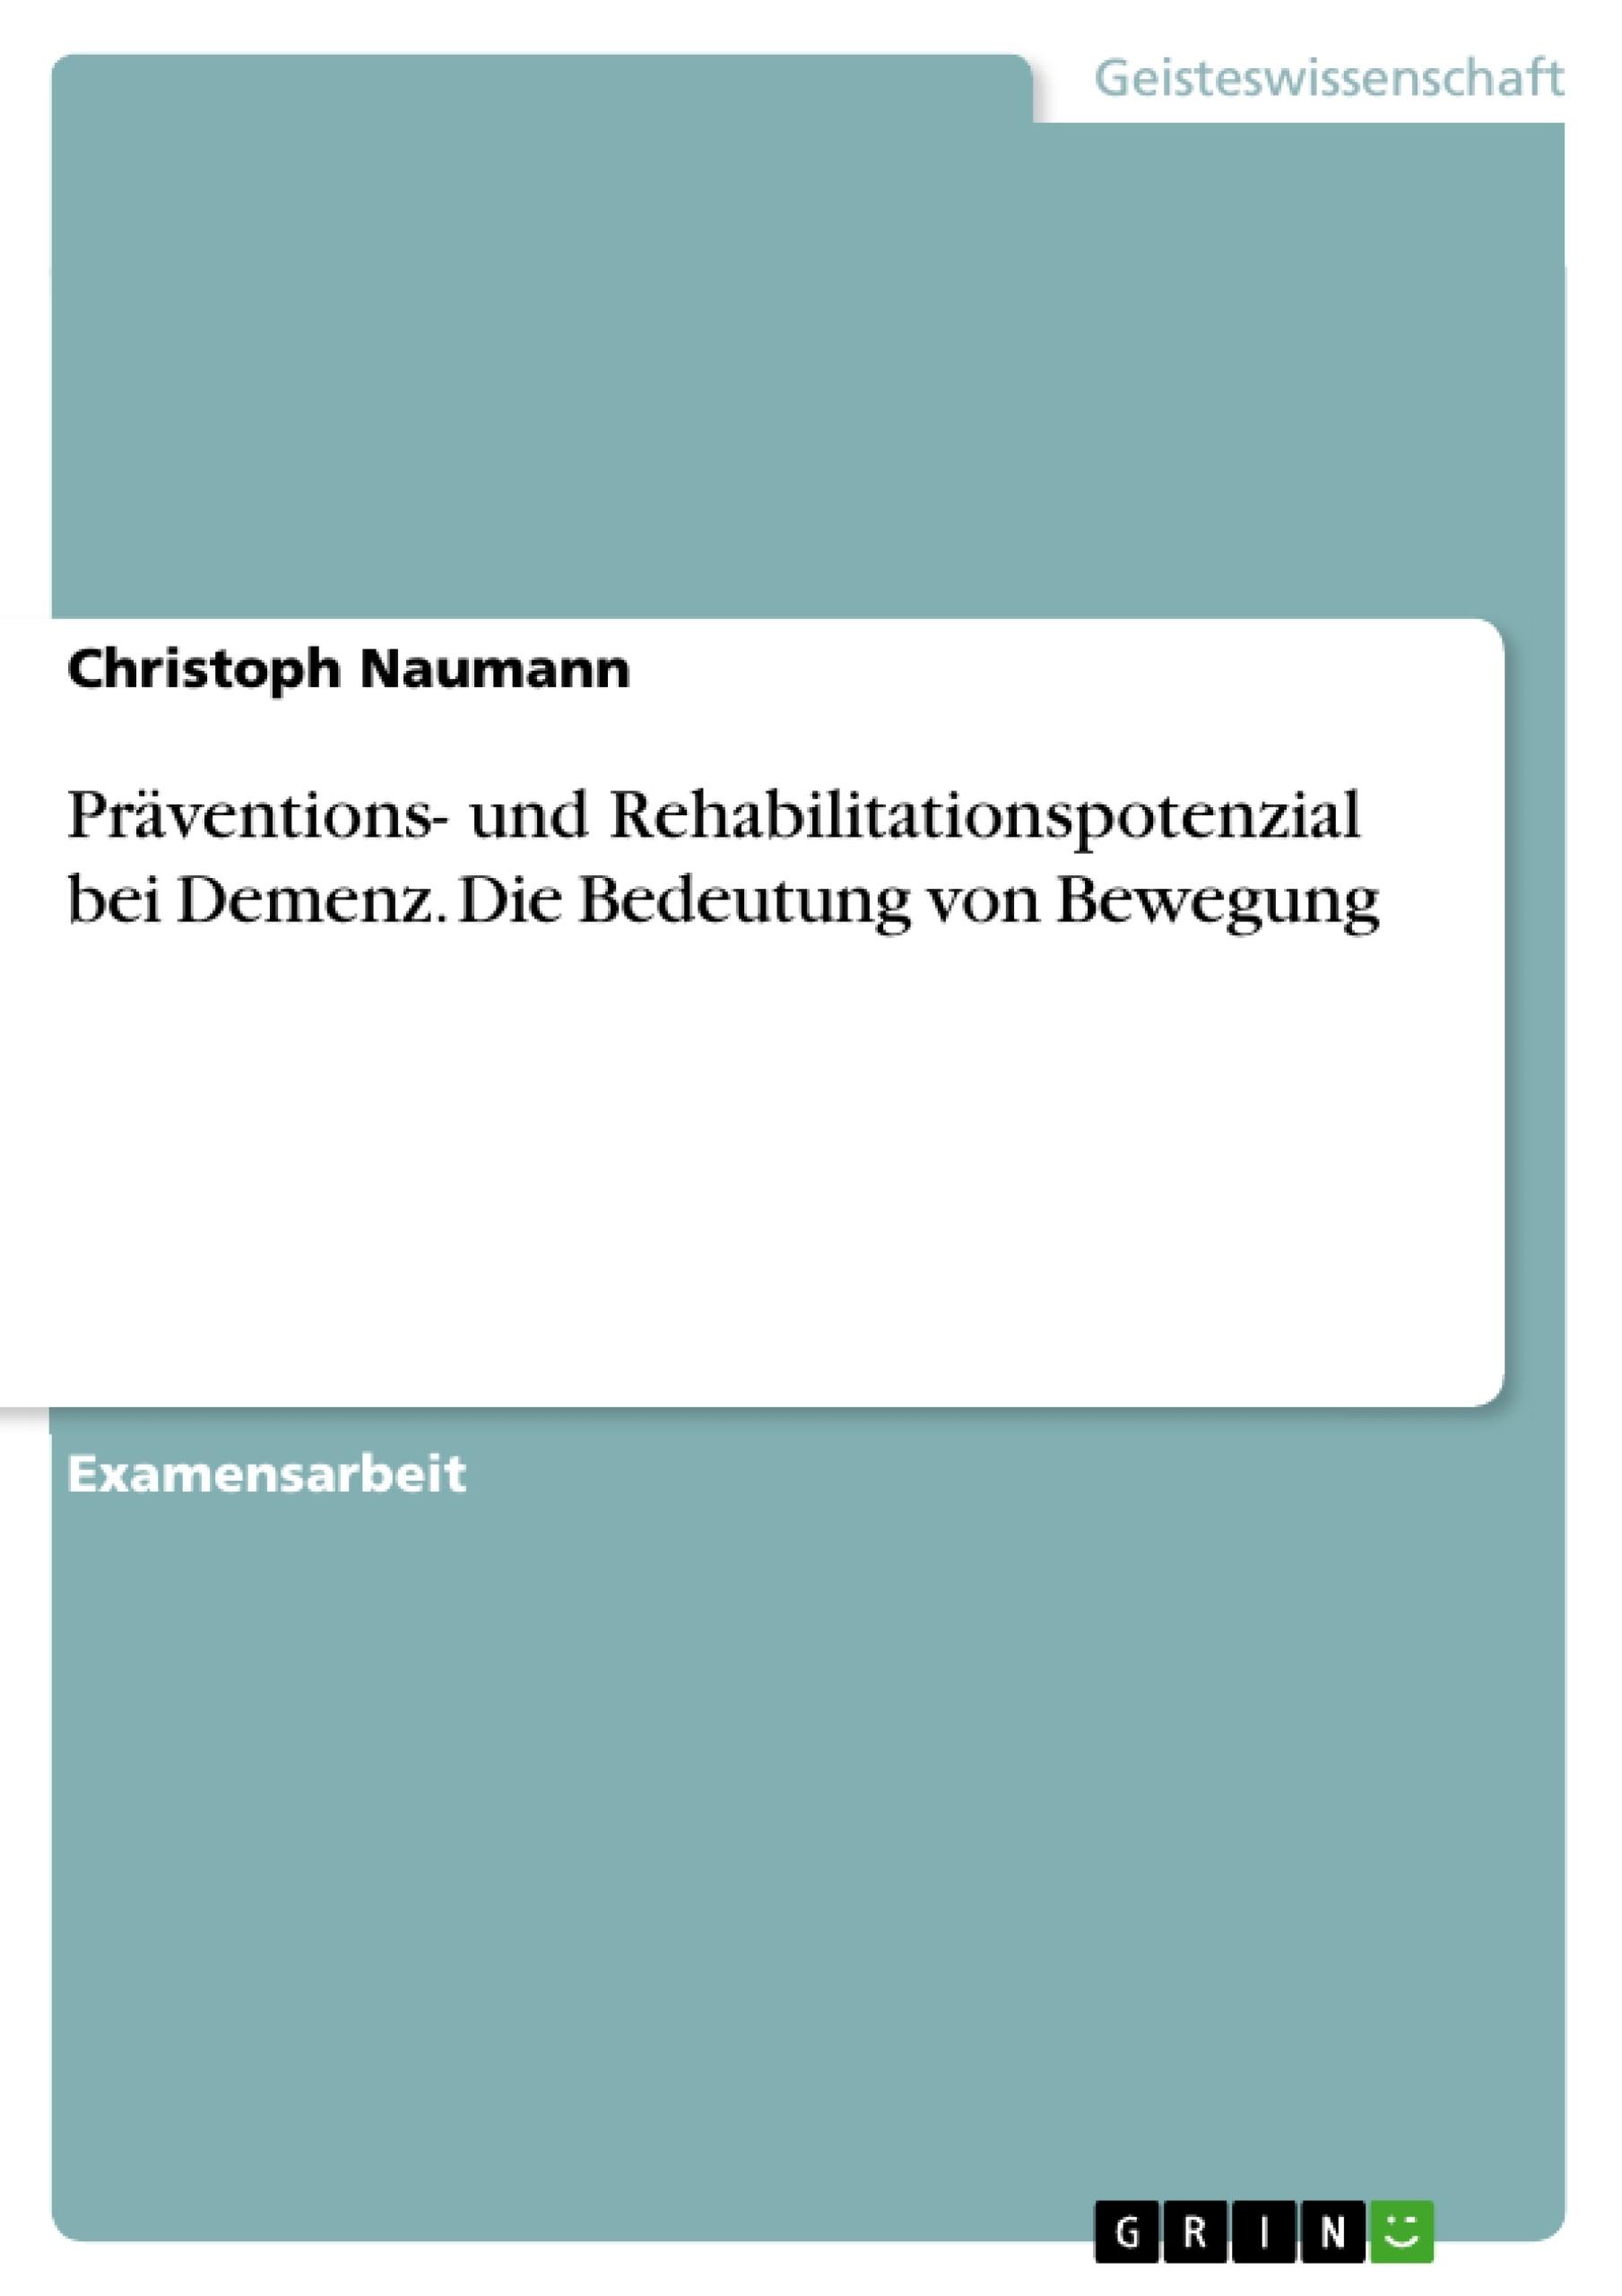 Titel: Präventions- und Rehabilitationspotenzial bei Demenz. Die Bedeutung von Bewegung